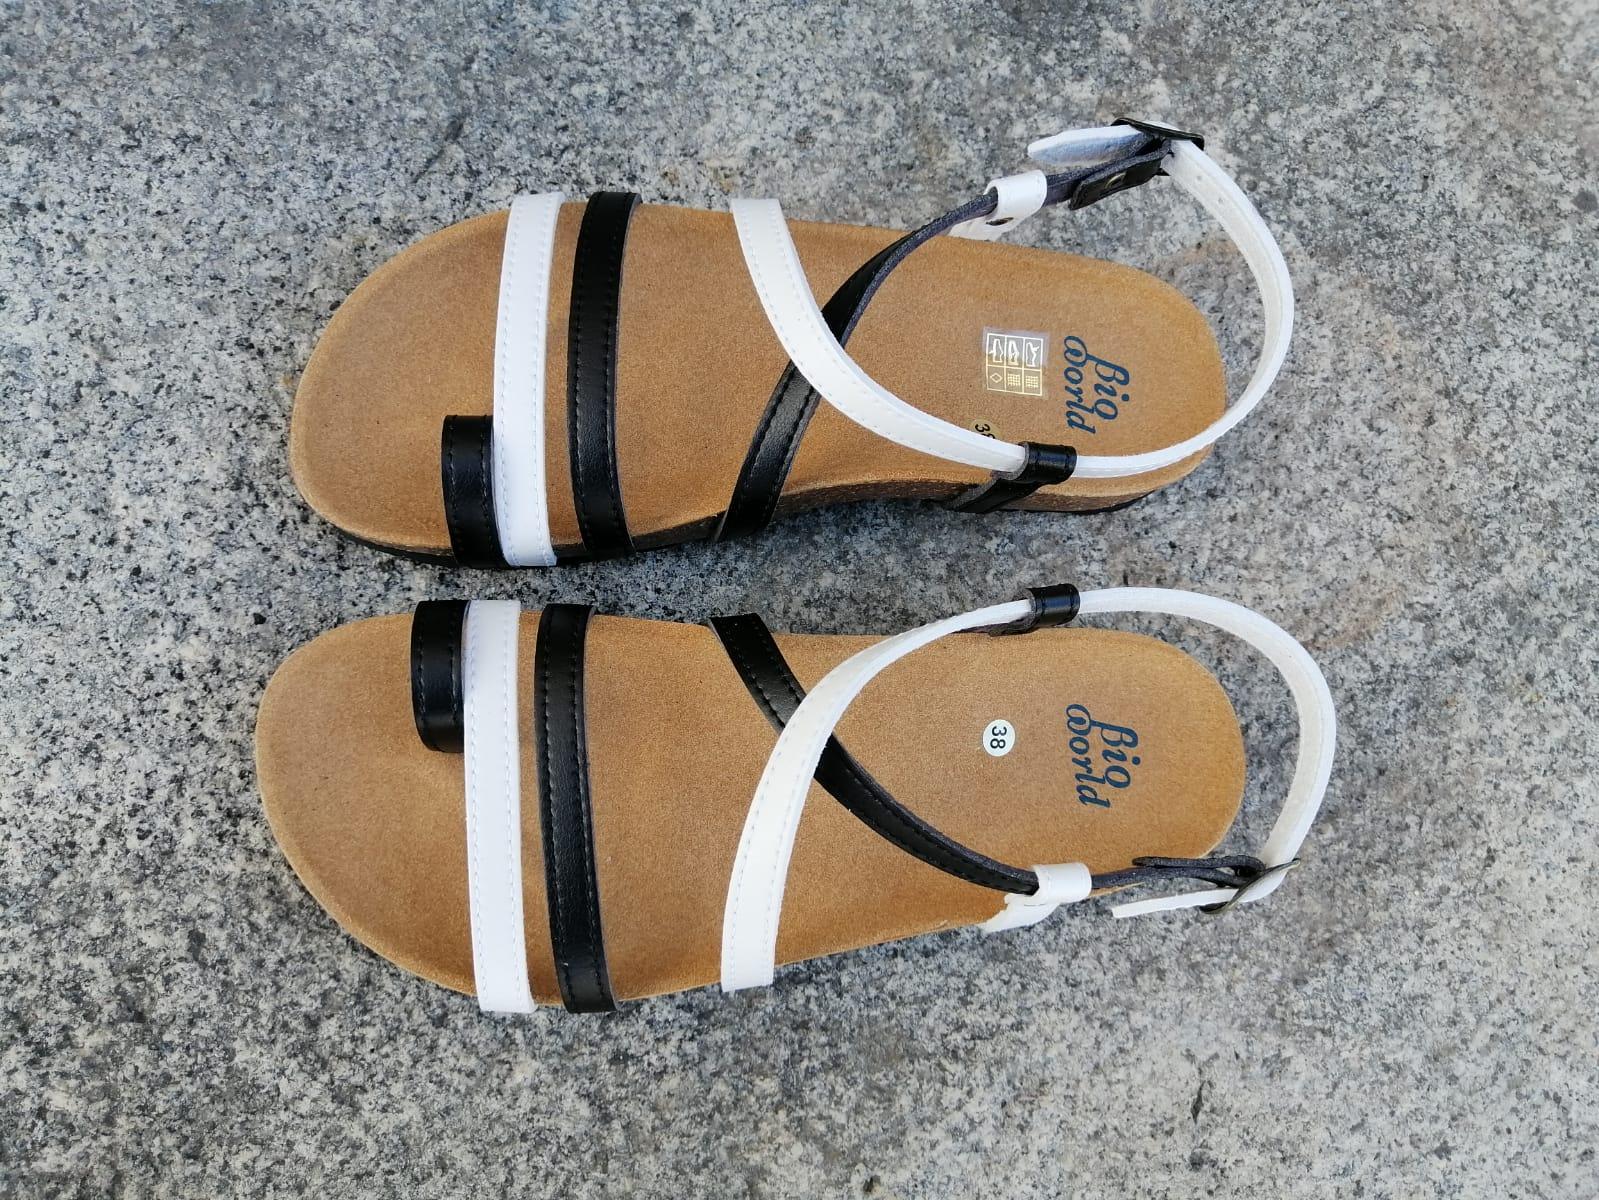 VALENCIA Combi 2 blanco y negro, sandalias veganas, sandalias veganas mujer, calzado vegano, sandalias de tacón bajo, sandalias bioworld, vegan shoes, sandalias de colores.